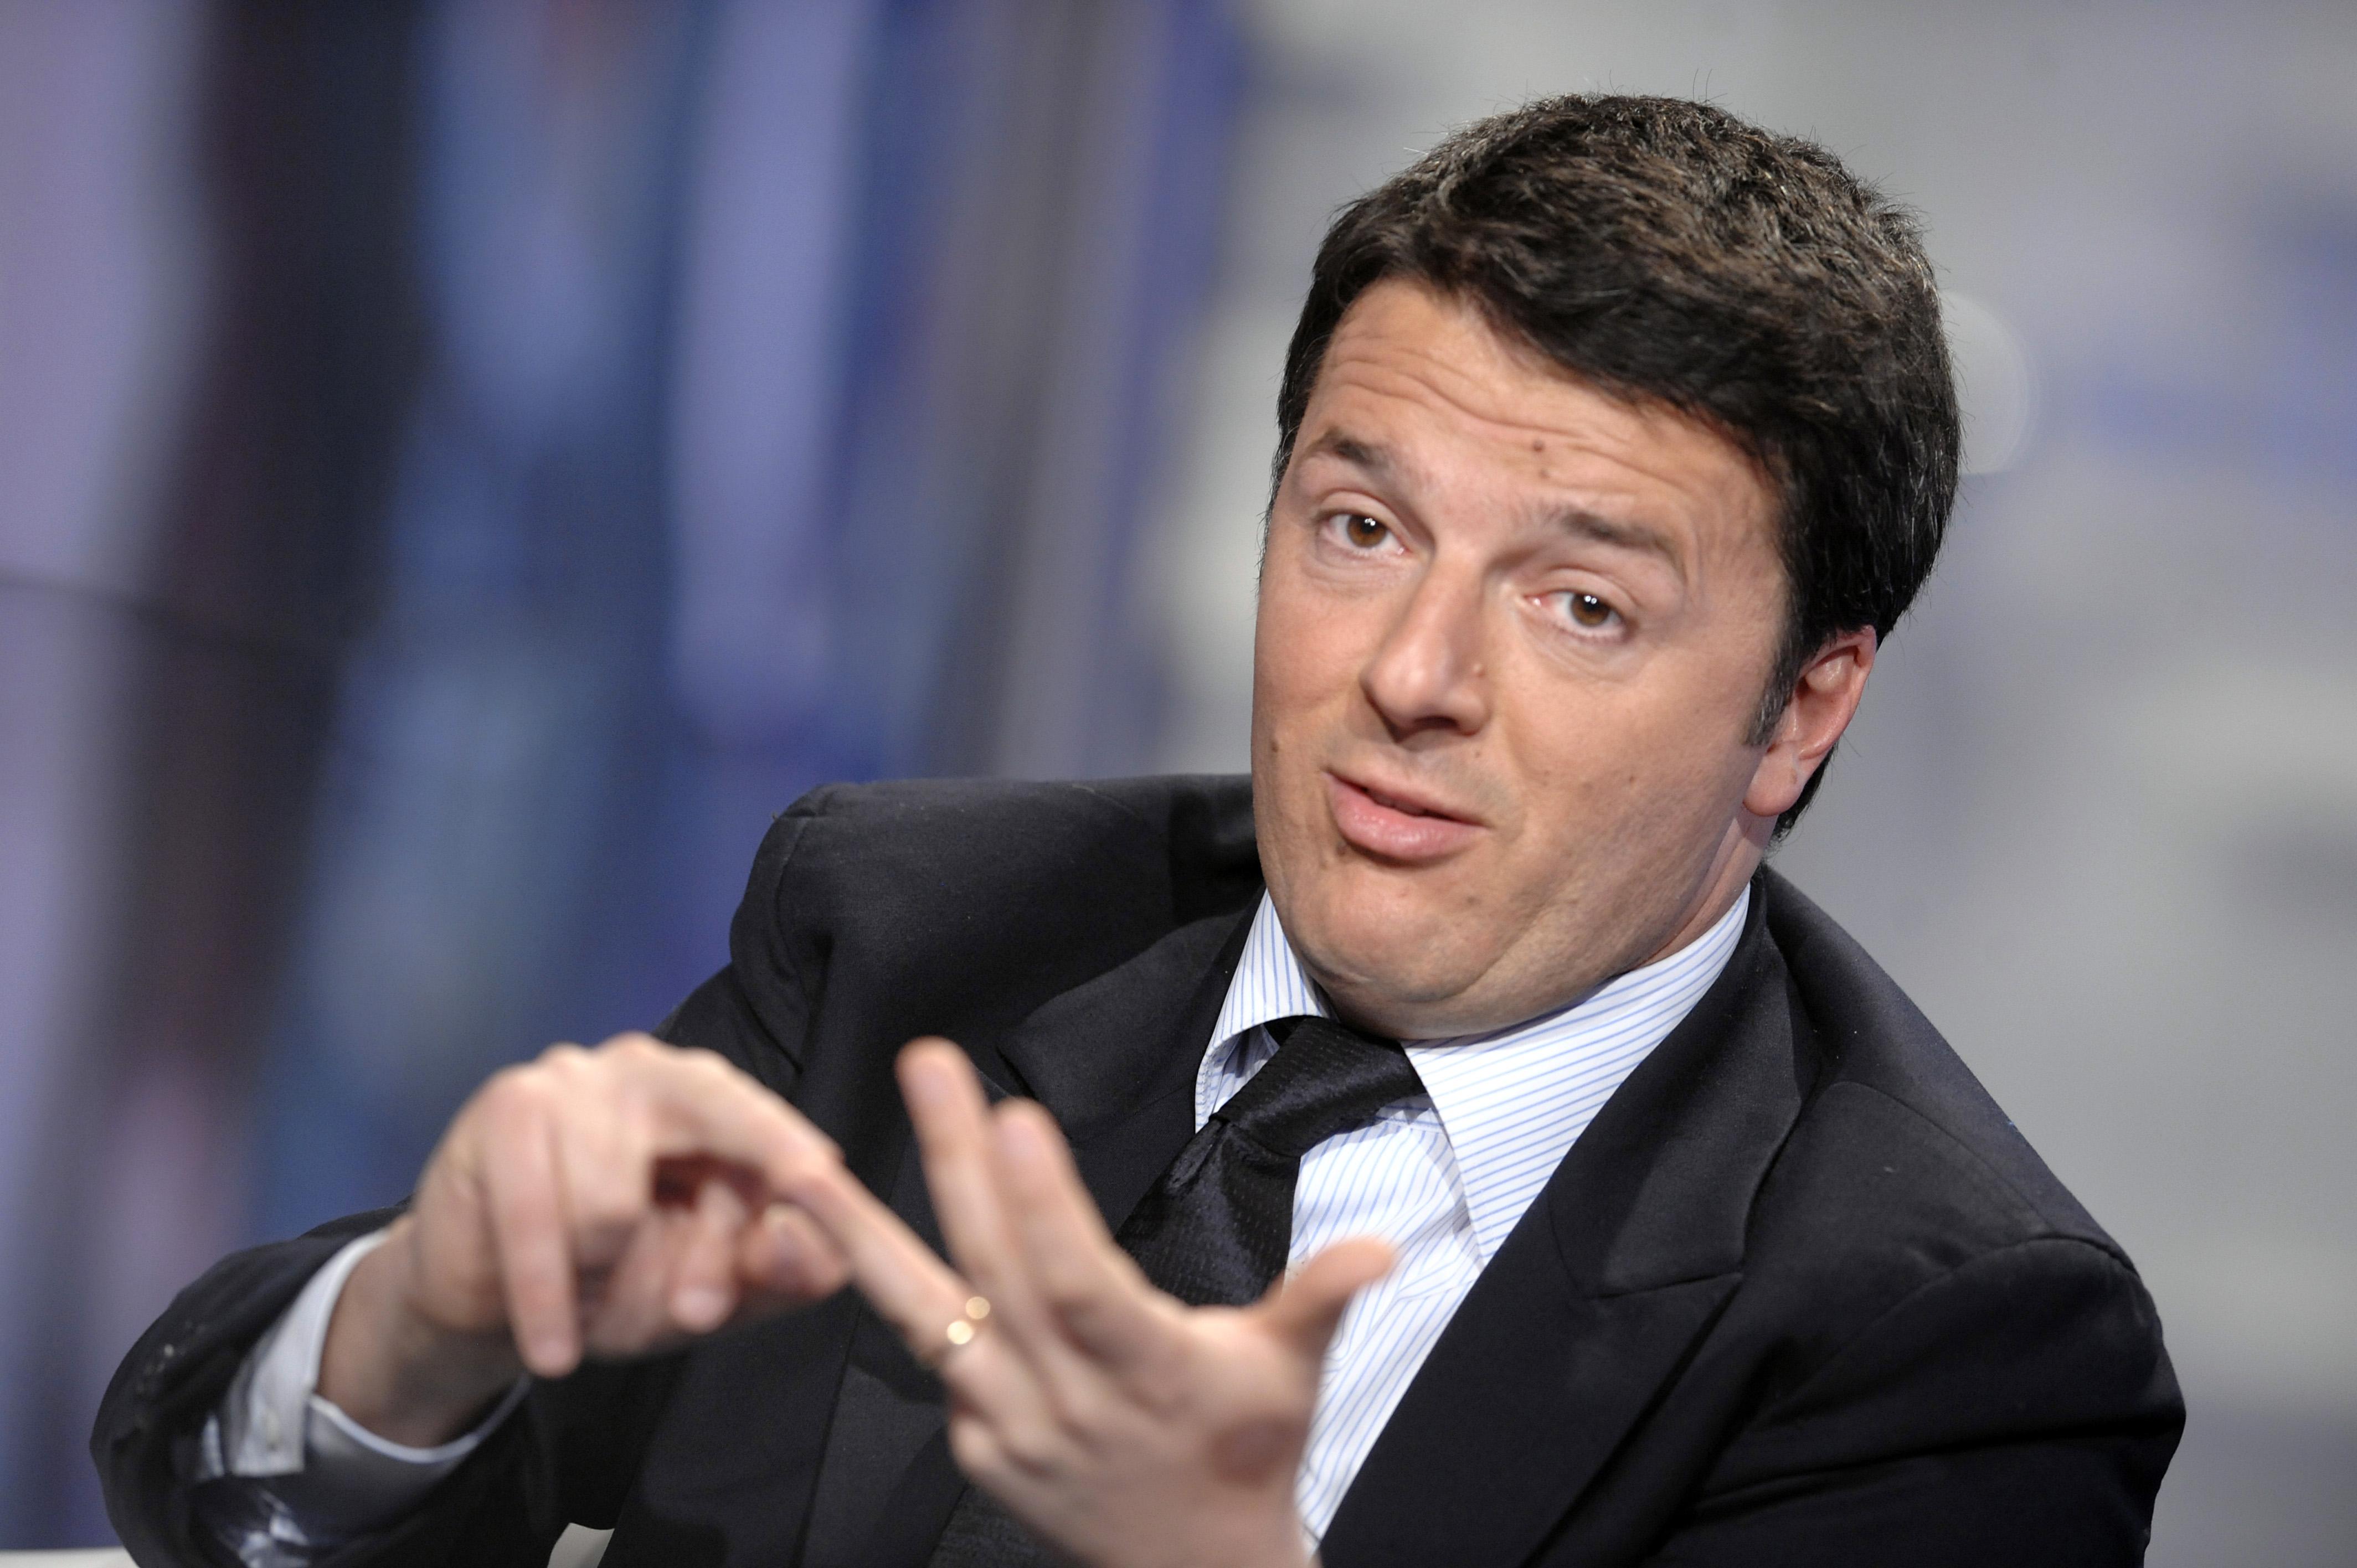 Bufera sul Fatto, il Pd: offese sessiste al ministro Boschi